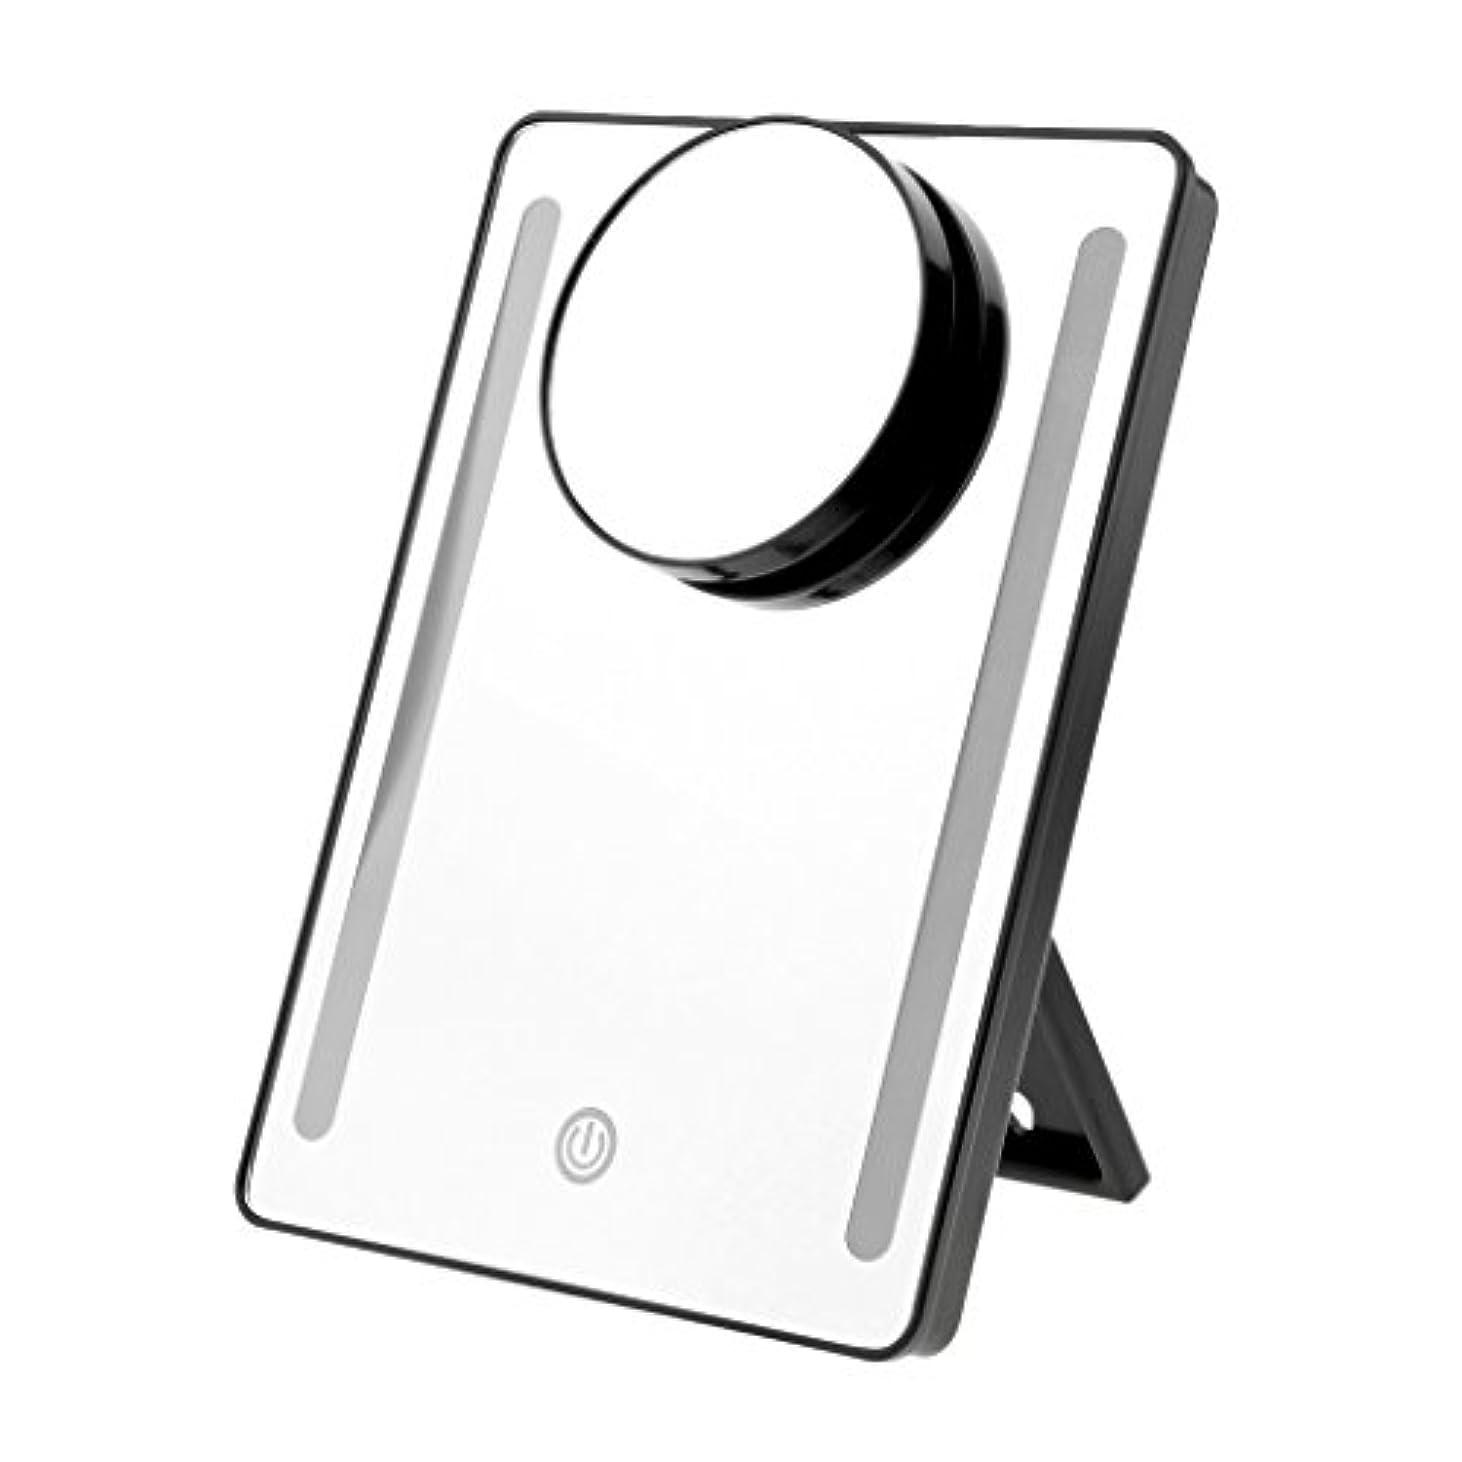 水を飲む放出正規化メイクアップミラー LEDタッチライト USB充電/電池 両方対応可 メイクアップ 化粧ミラー 10x拡大鏡 拡大ミラー 2色選べる - ブラック, 説明したように